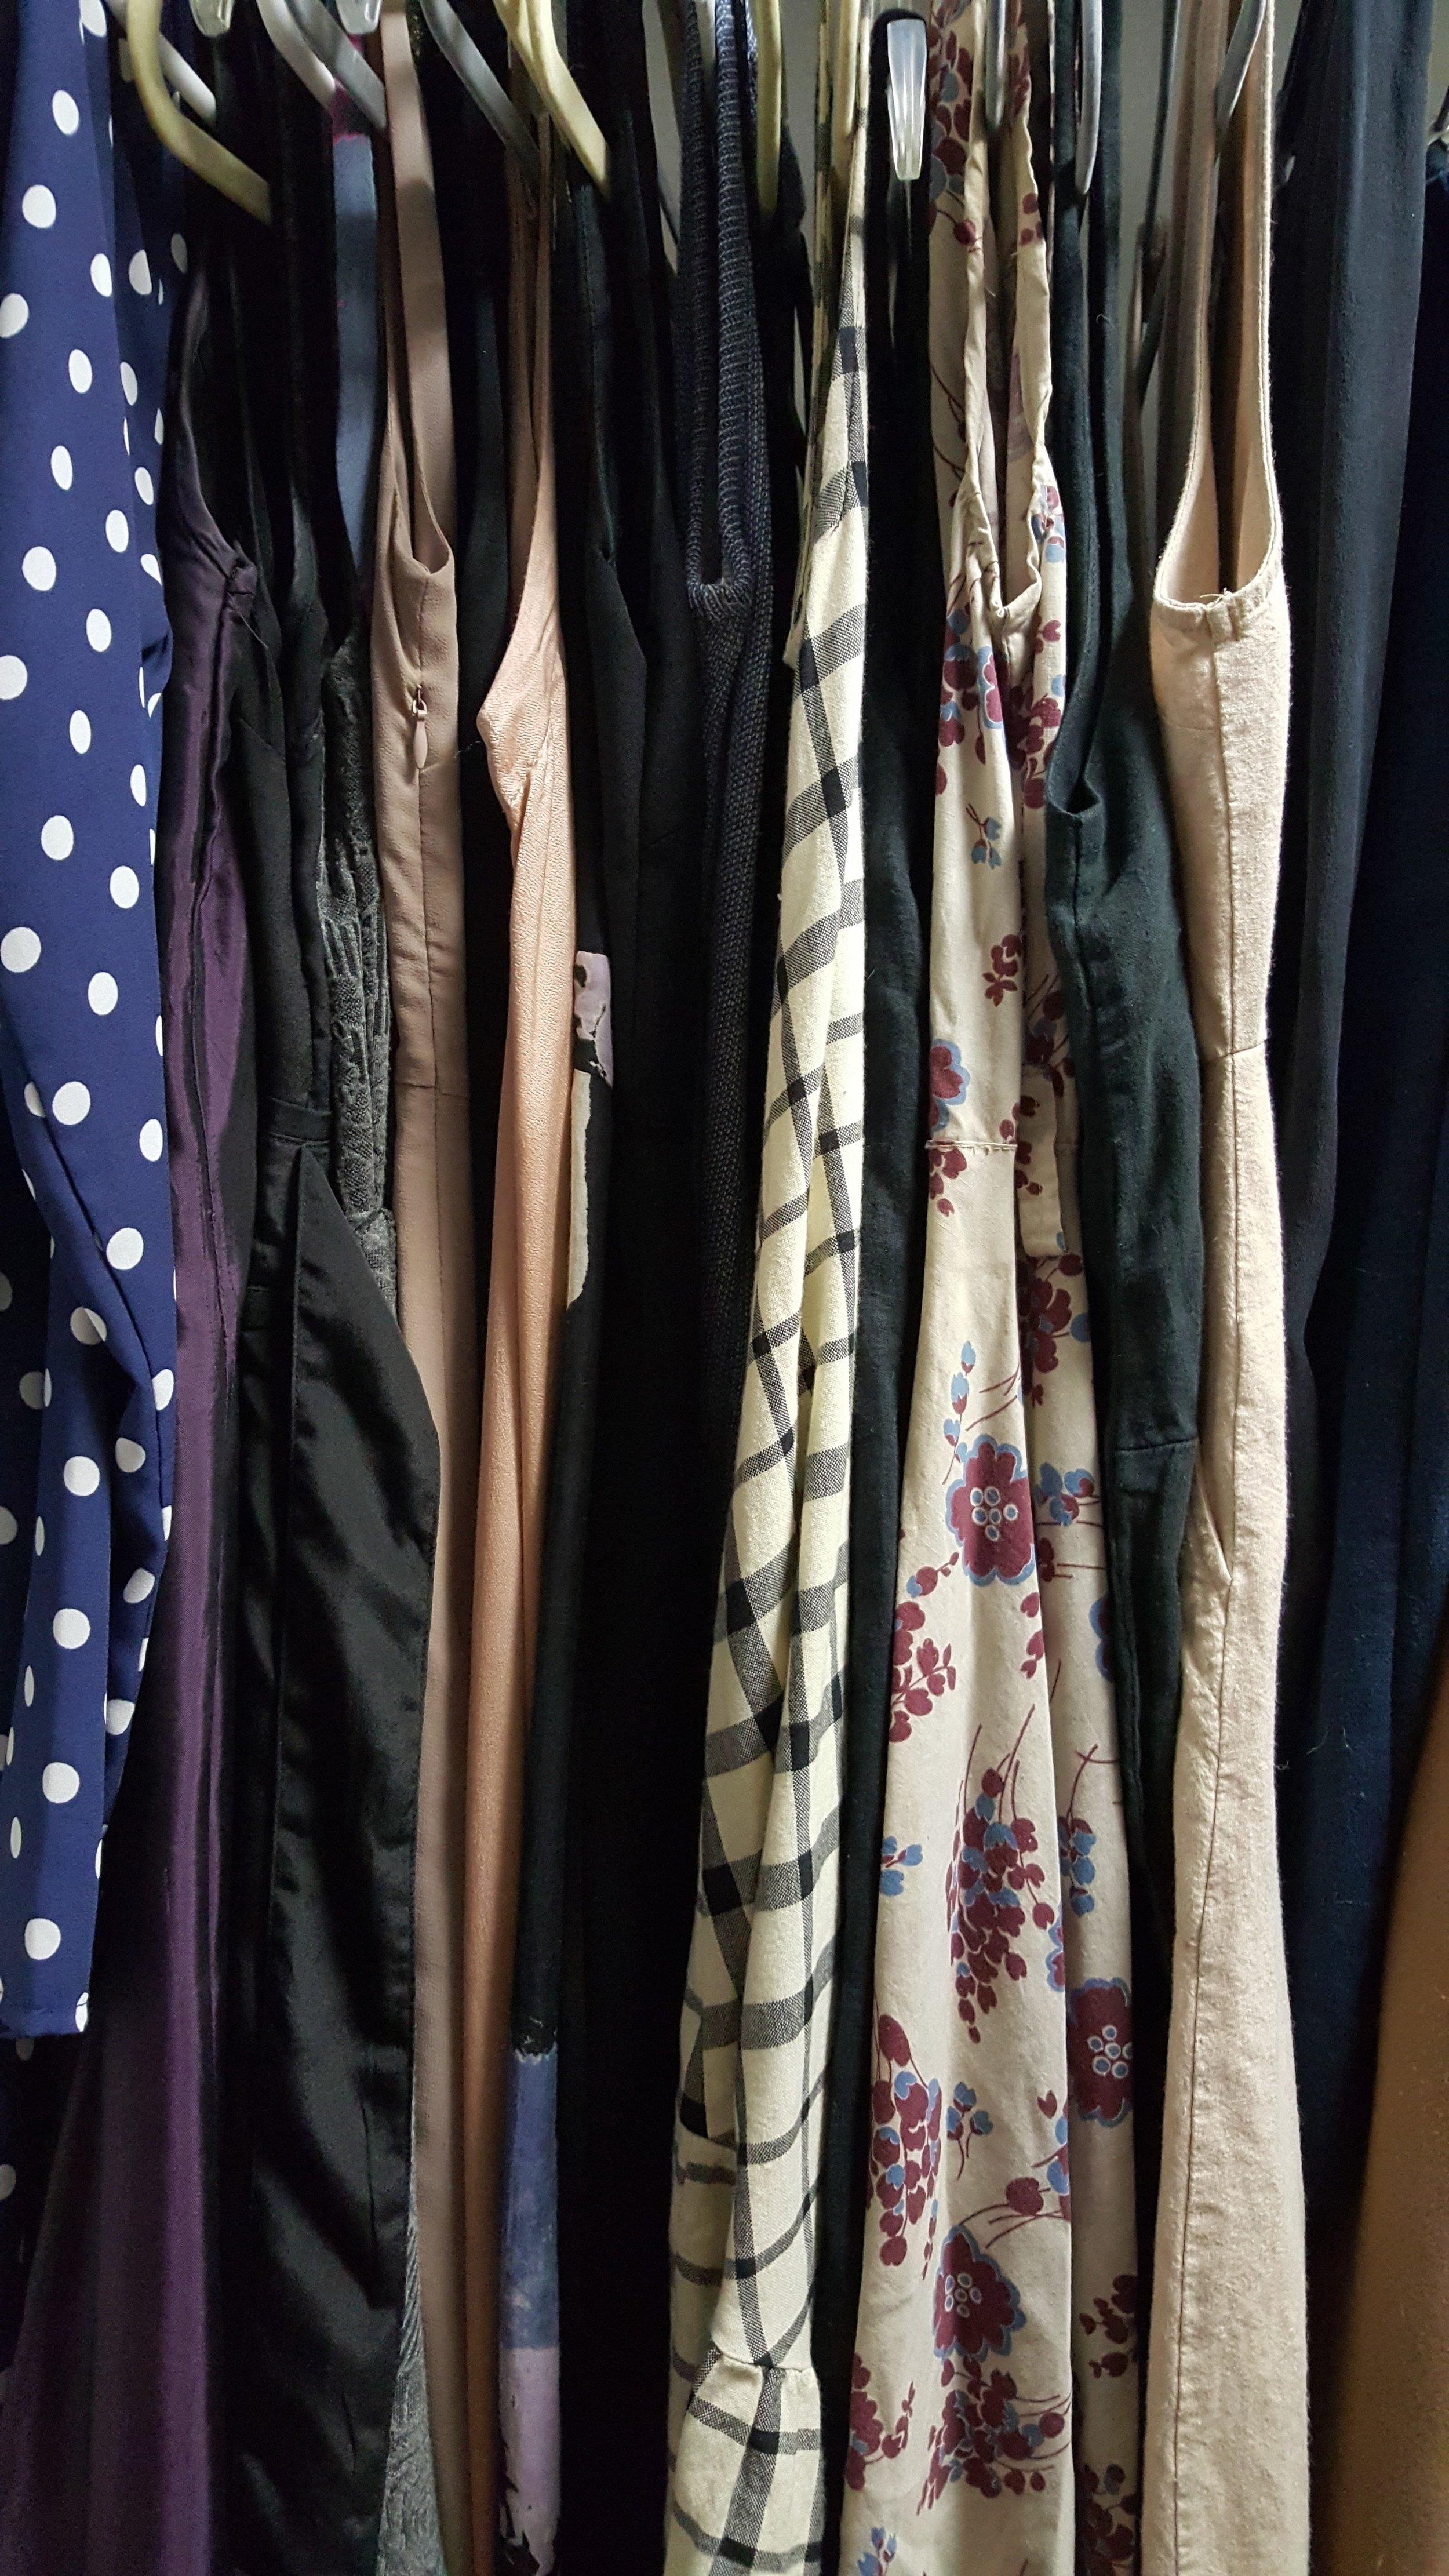 Garment among garments.